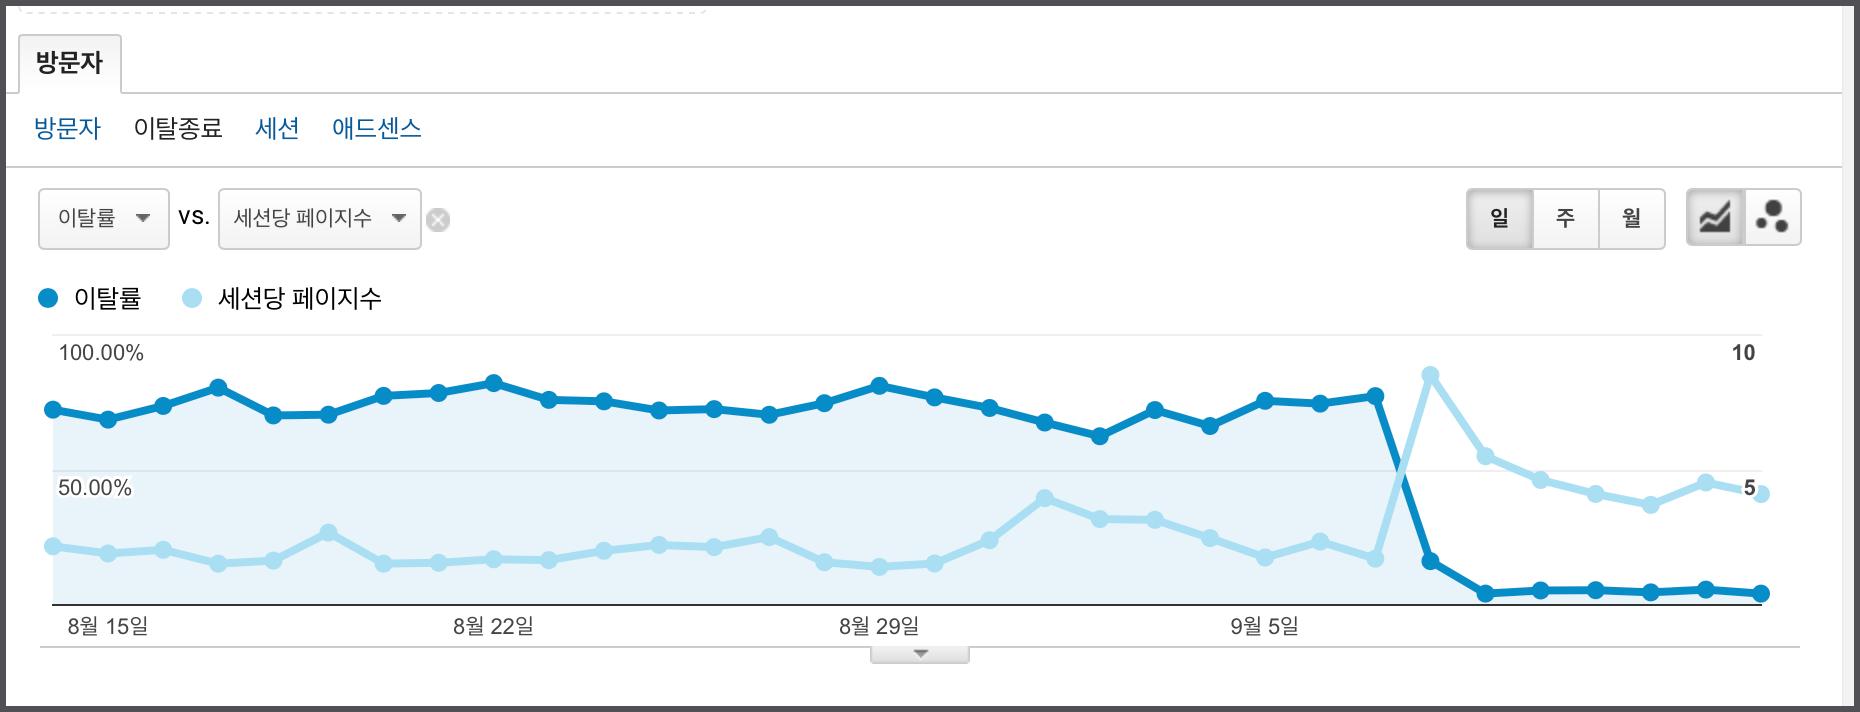 9월 8일 기점으로 낮아진 이탈률 그래프